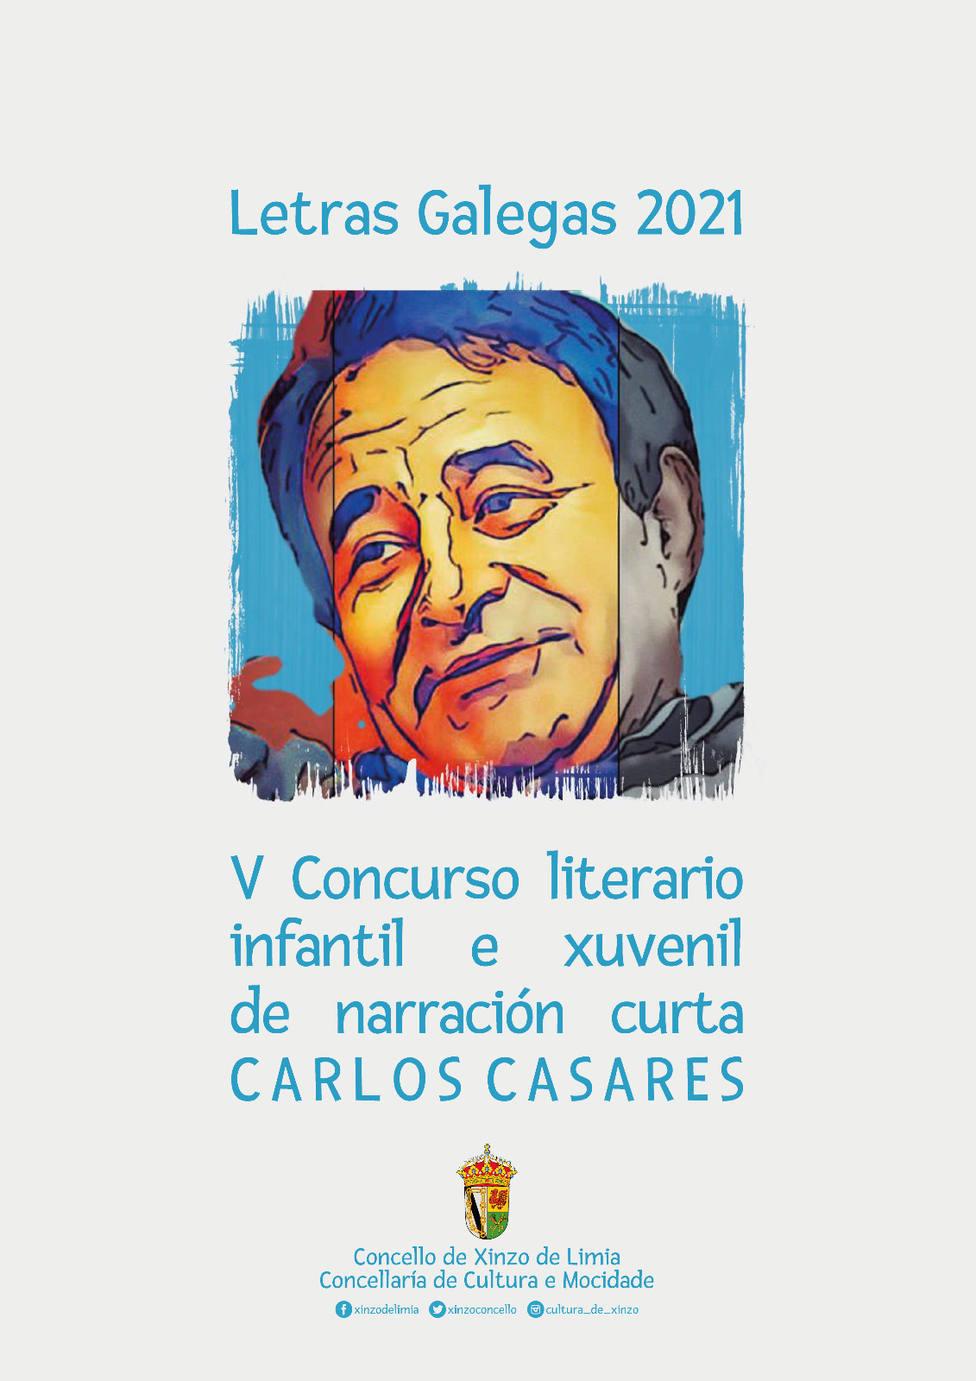 Cartel anunciador del Concurso Carlos Casares